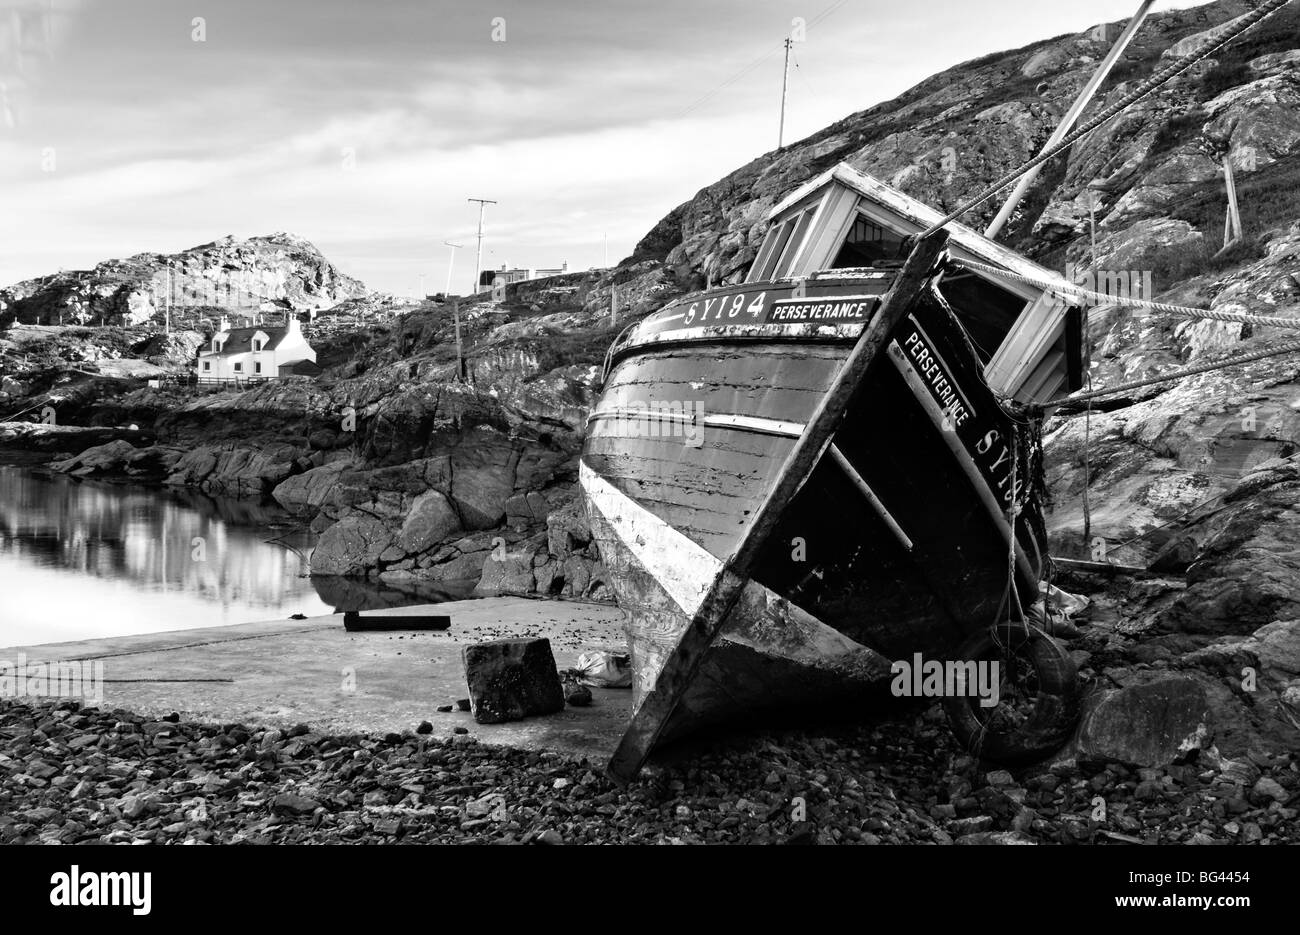 Stockinish harbour on the Isle of Harris, Hebrides, Scotland, UK - Stock Image